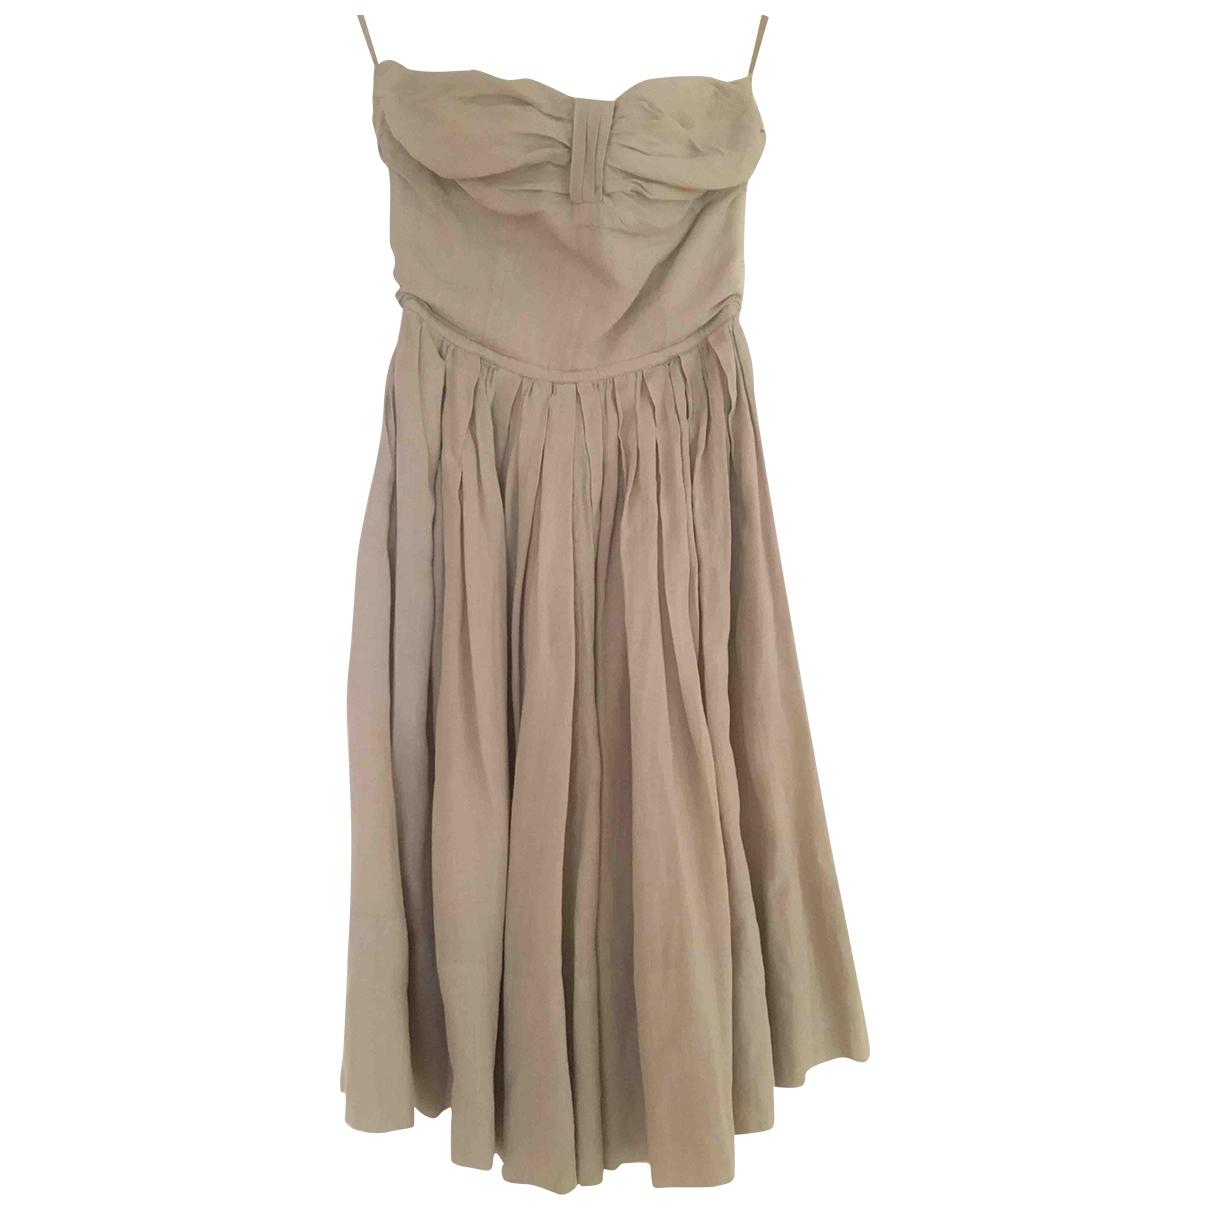 Jil Sander \N Beige Linen dress for Women 38 FR